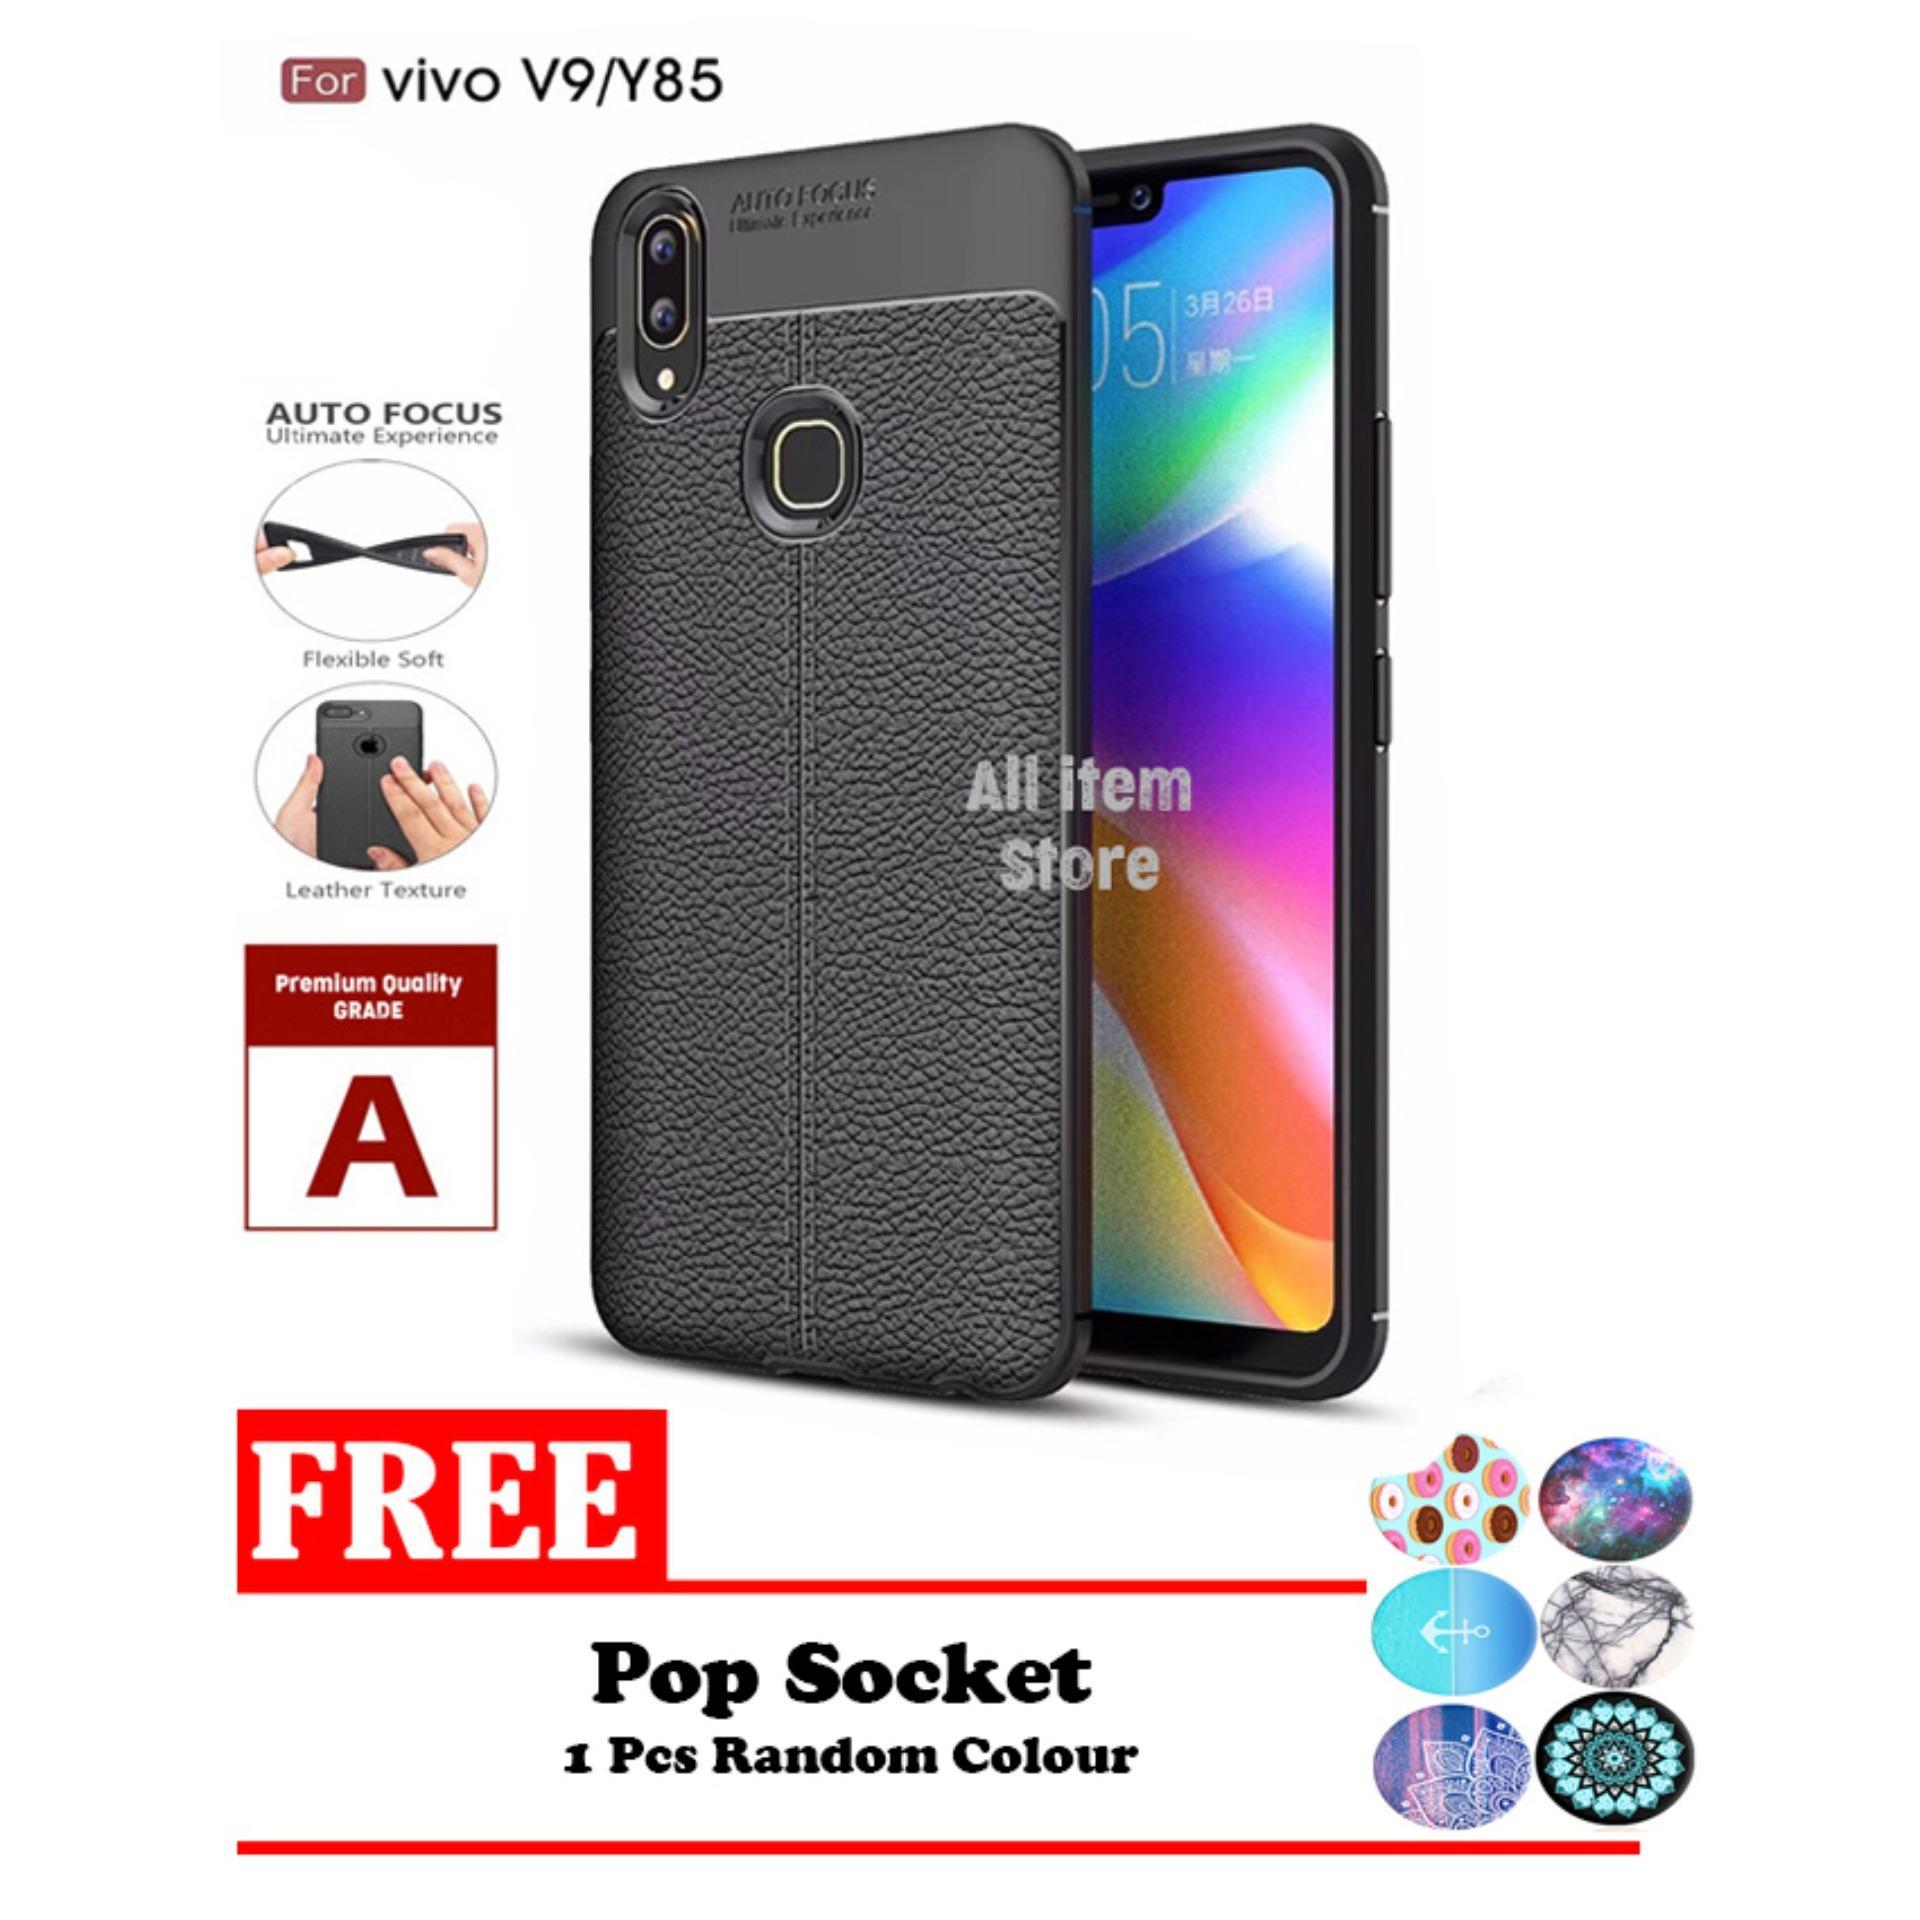 Case Auto Focus Vivo V9 / Y85 Leather Black Matte Autofocus - Hitam + Free PopSocket